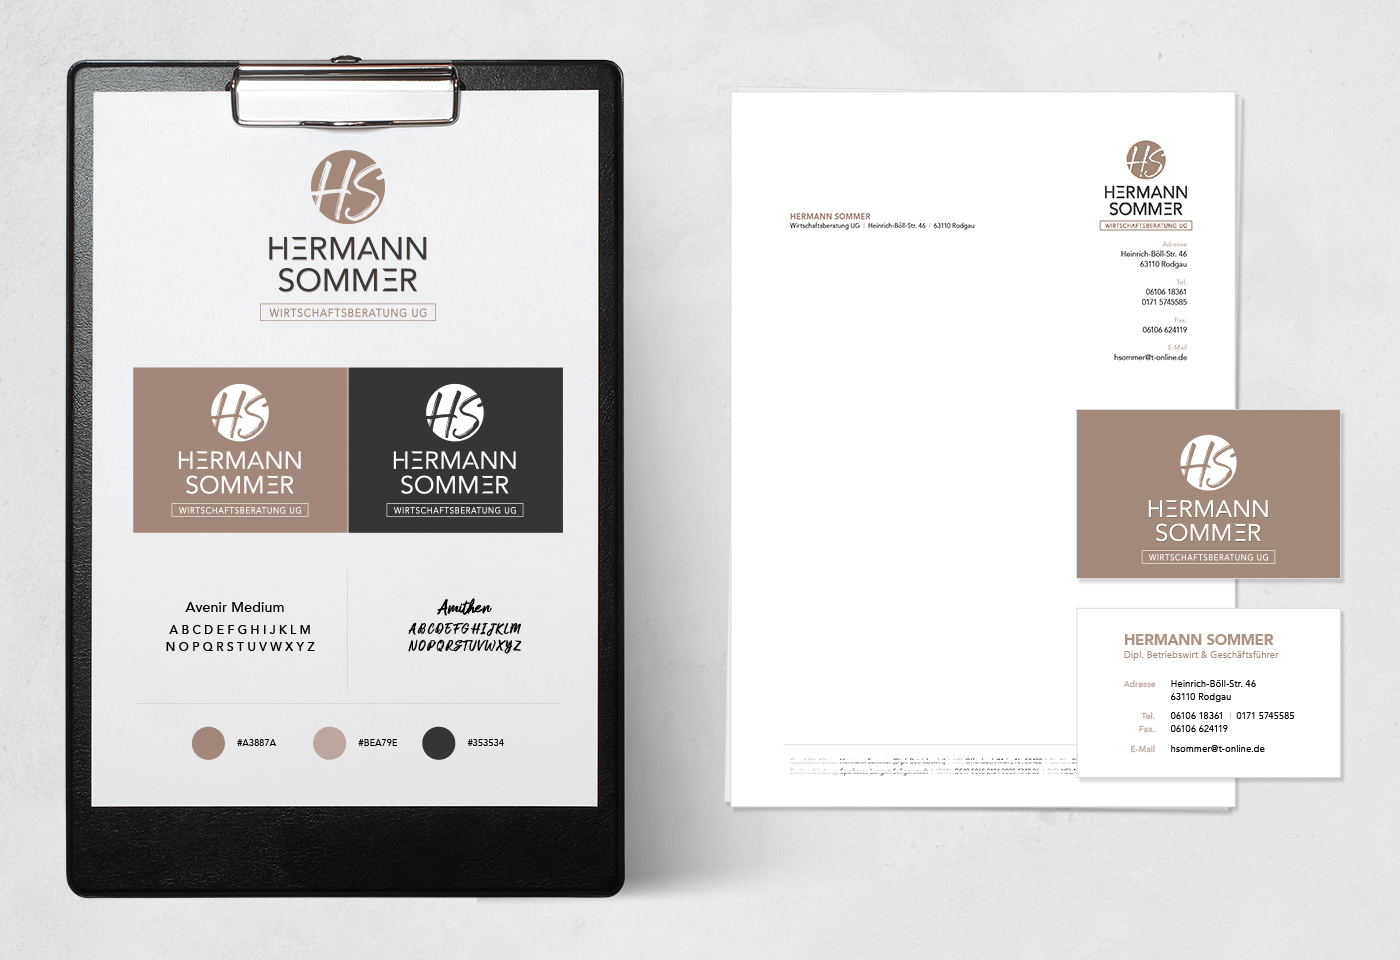 Geschäftsausstattung und Corporate Design: HERMANN SOMMER Wirtschaftsberatung UG